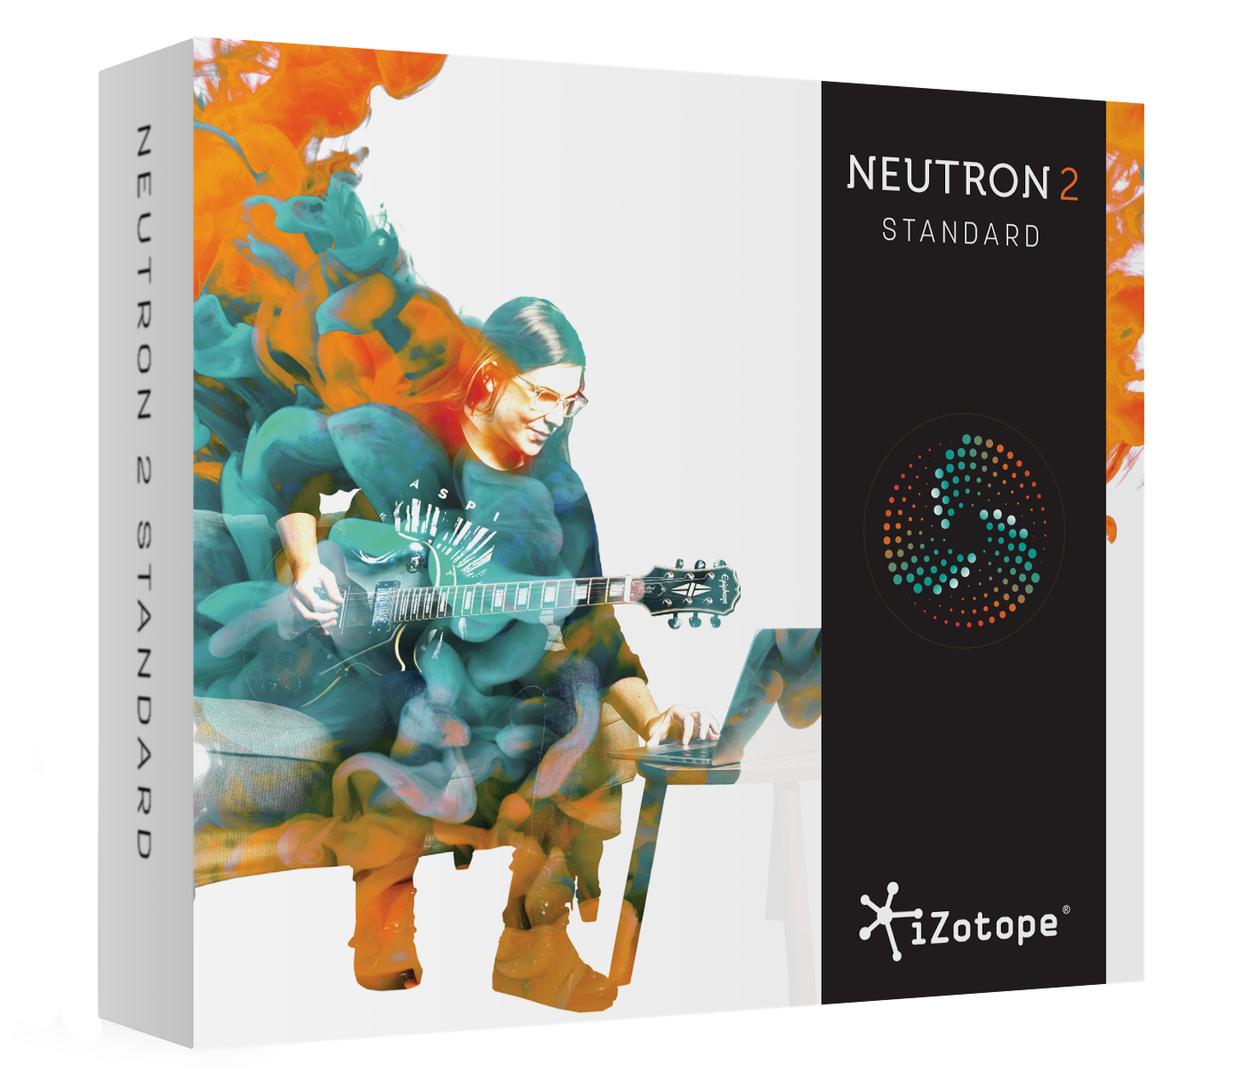 iZotope Neutron 2 Instant Rebate